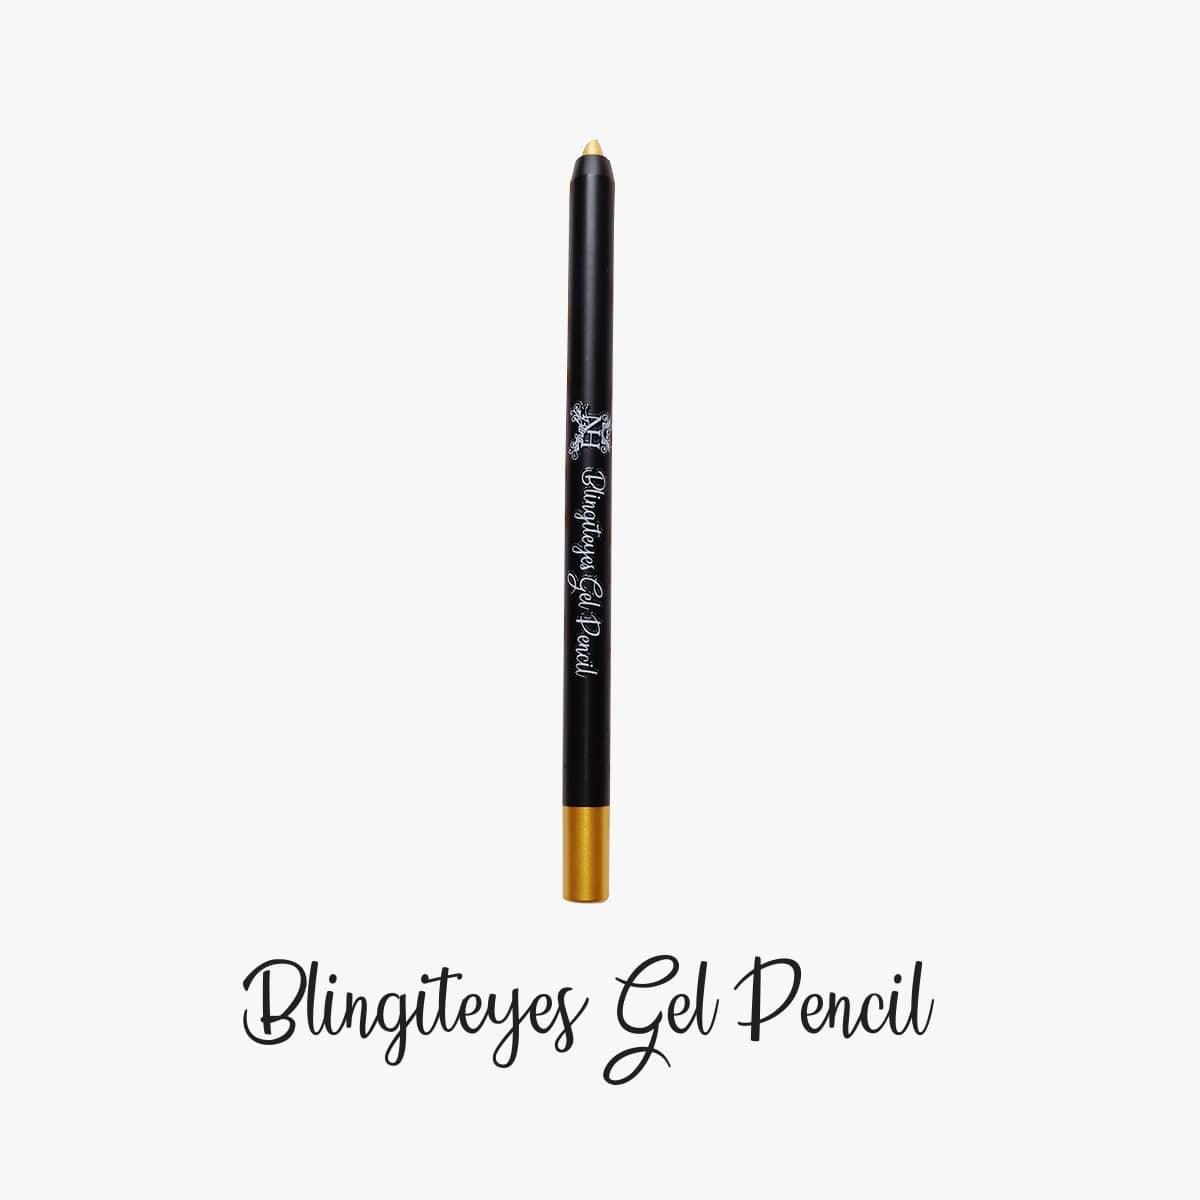 gel pencil (1)